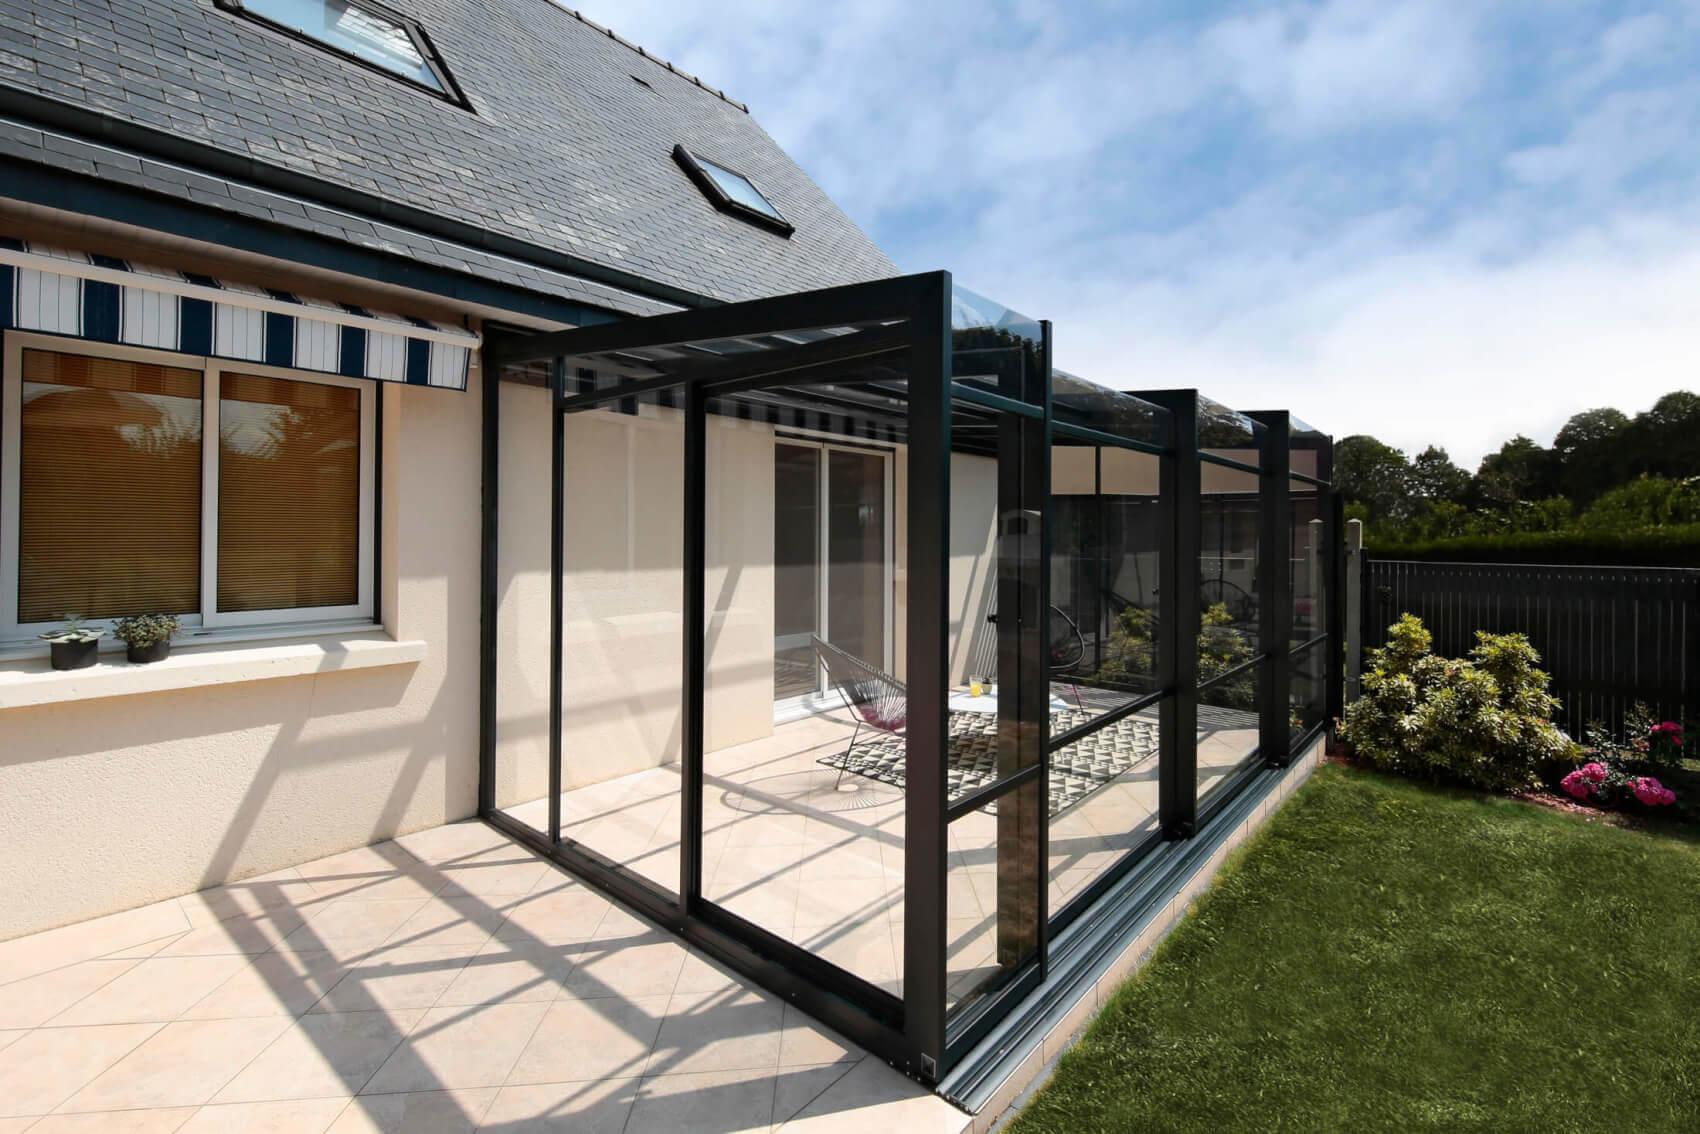 Abri Terrasse Aluminium - Modèles Coulissants ... serapportantà Abri De Terrasse Ferme